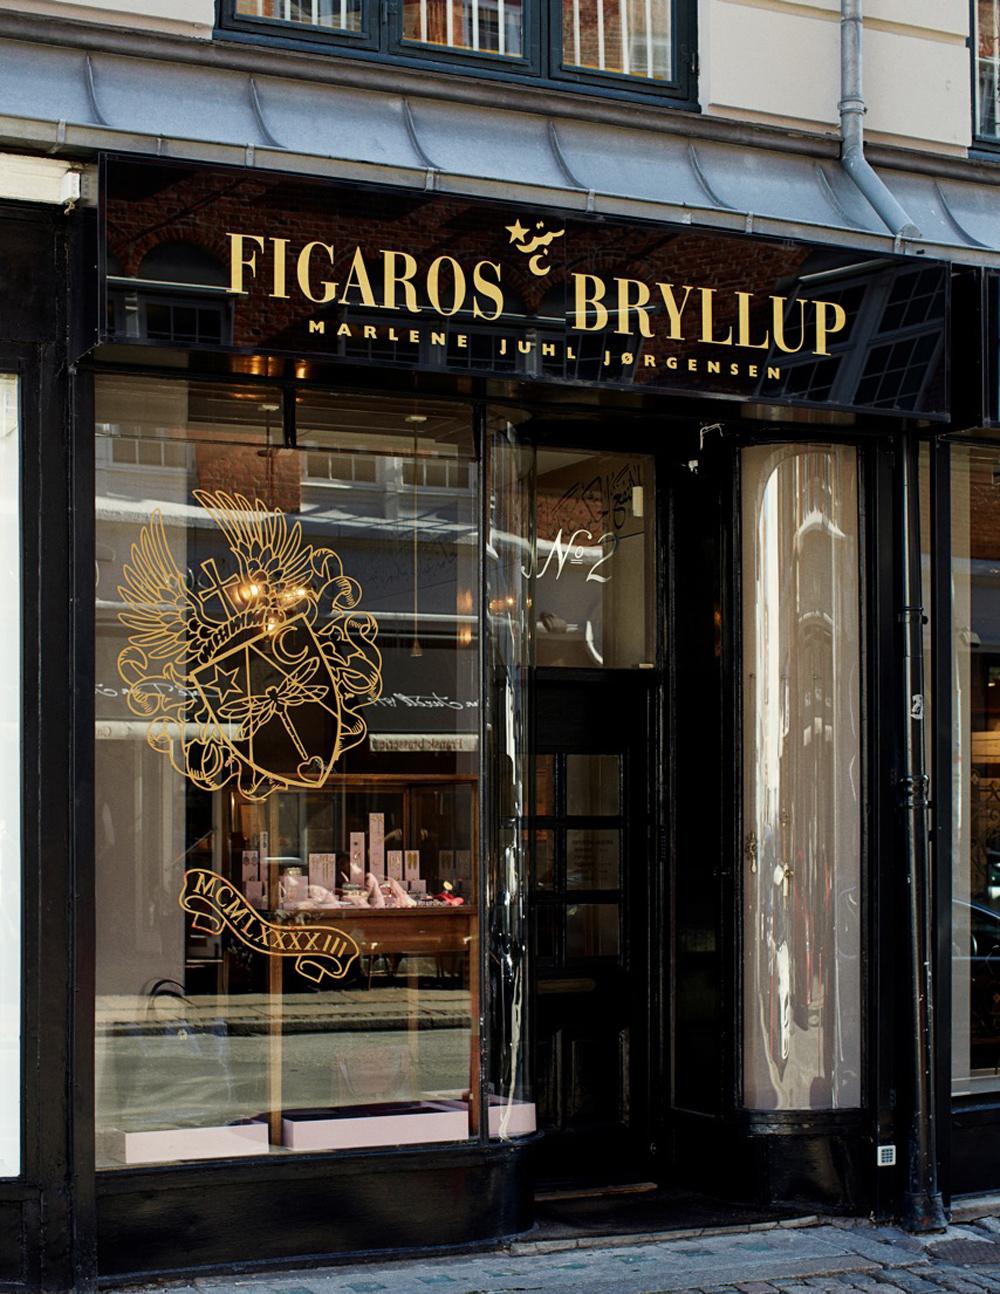 Figaros Bryllup Kopenhagen